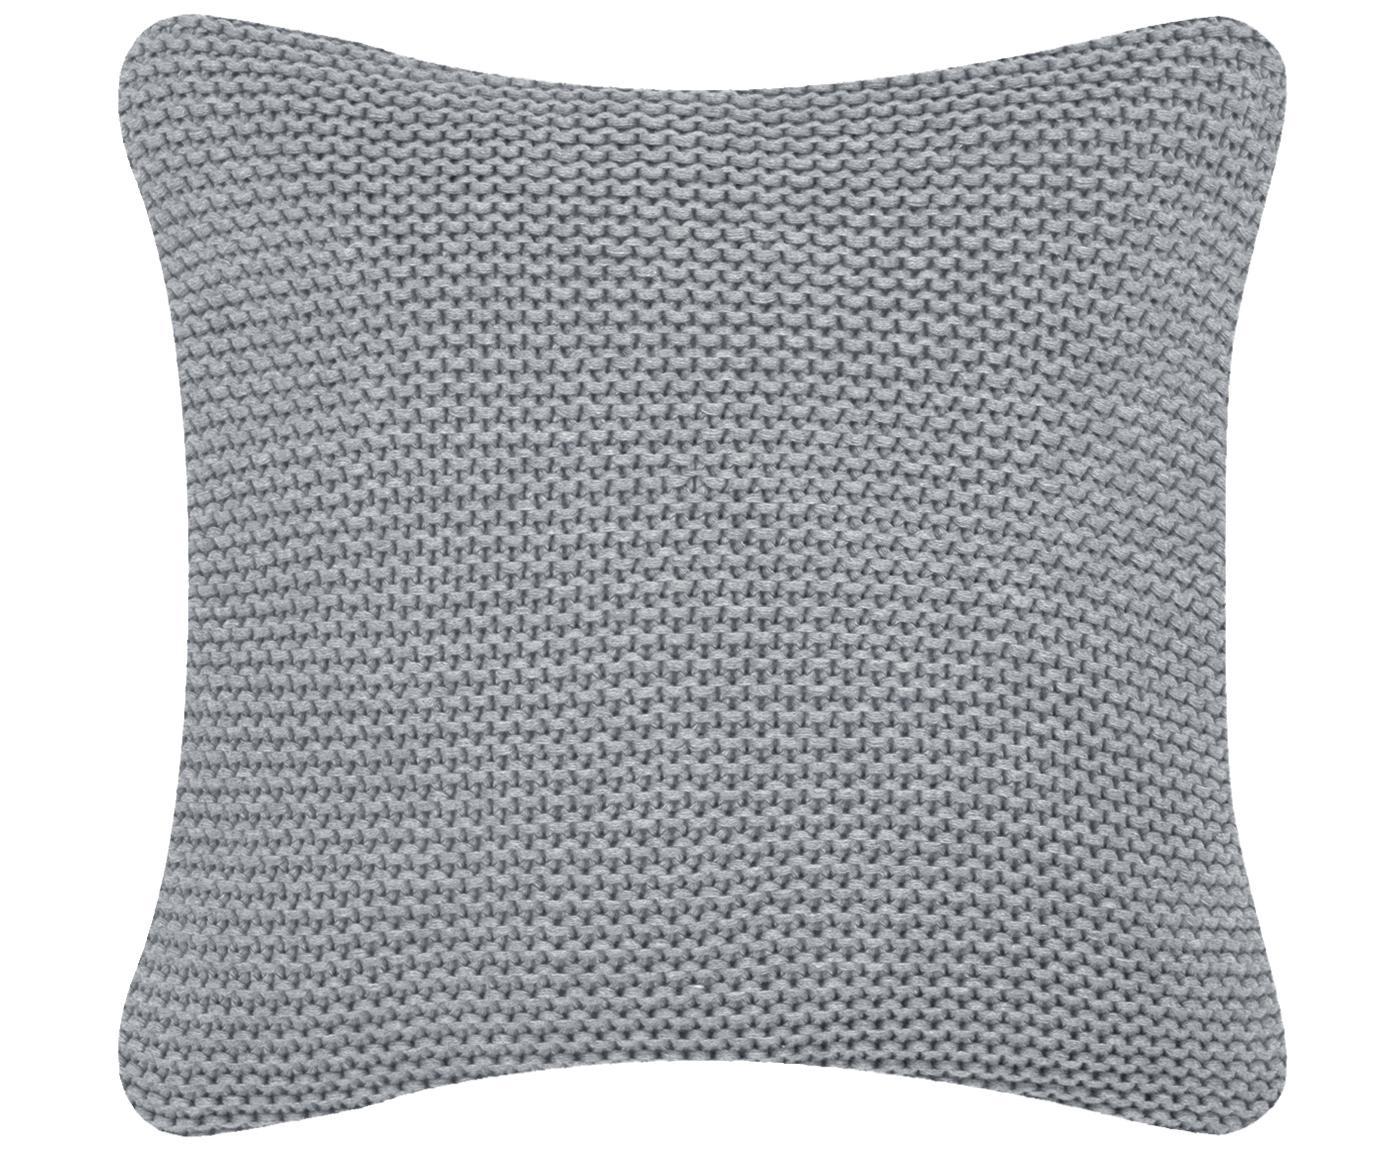 Poszewka na poduszkę z dzianiny Adalyn, 100% bawełna, Jasny szary, S 50 x D 50 cm